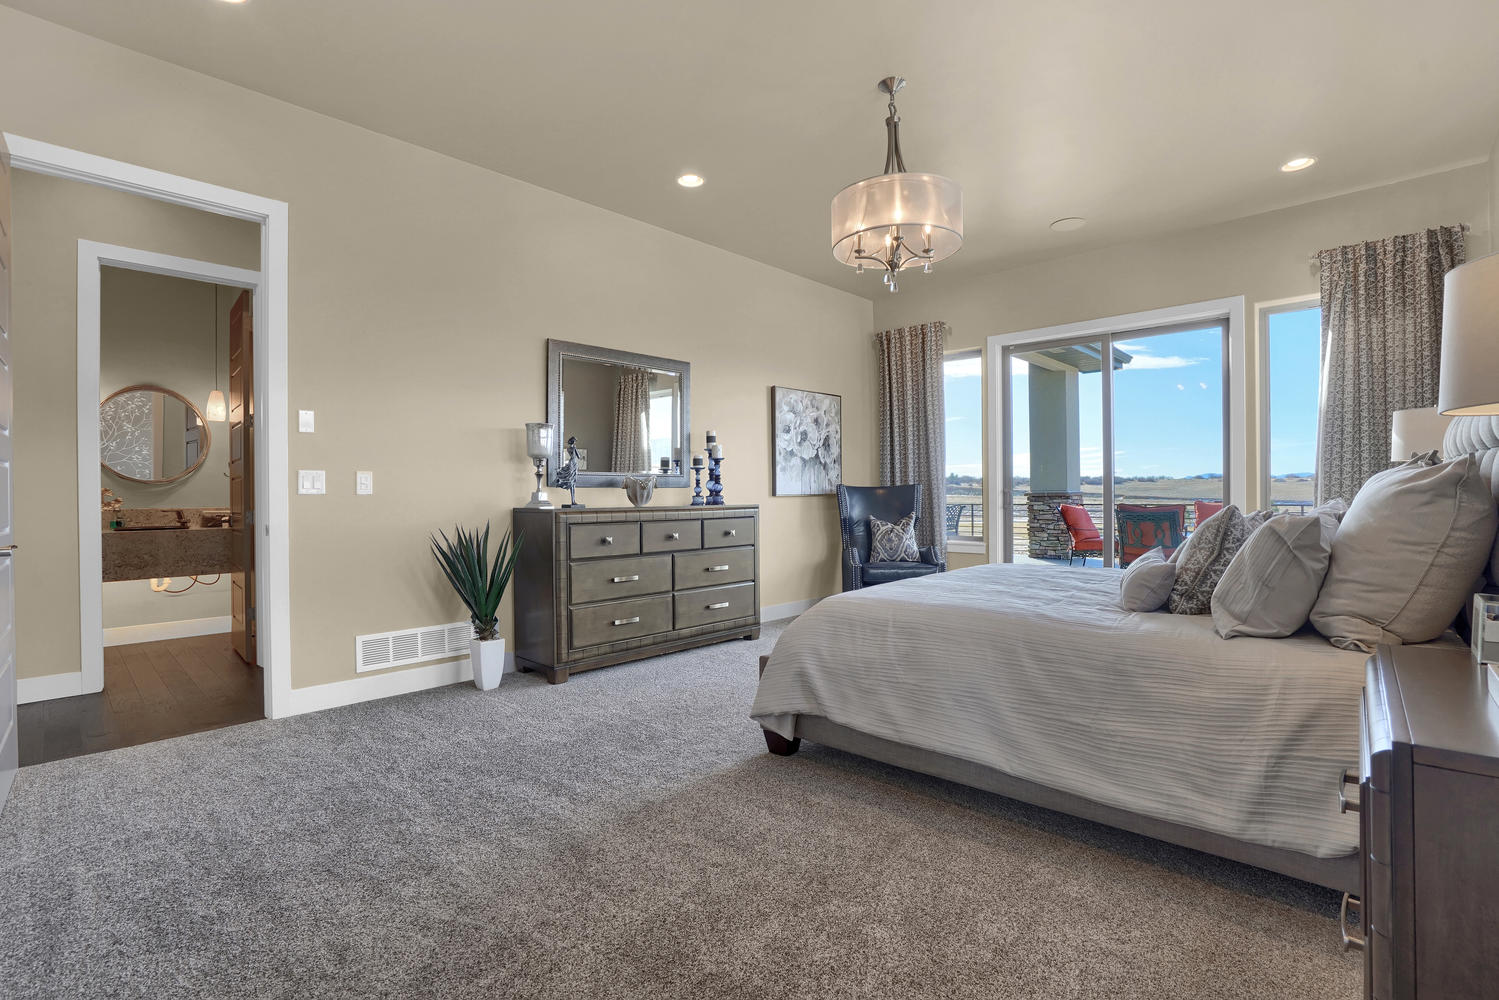 1807 Redbank Dr Colorado-large-006-4-Bedroom-1500x1000-72dpi.jpg